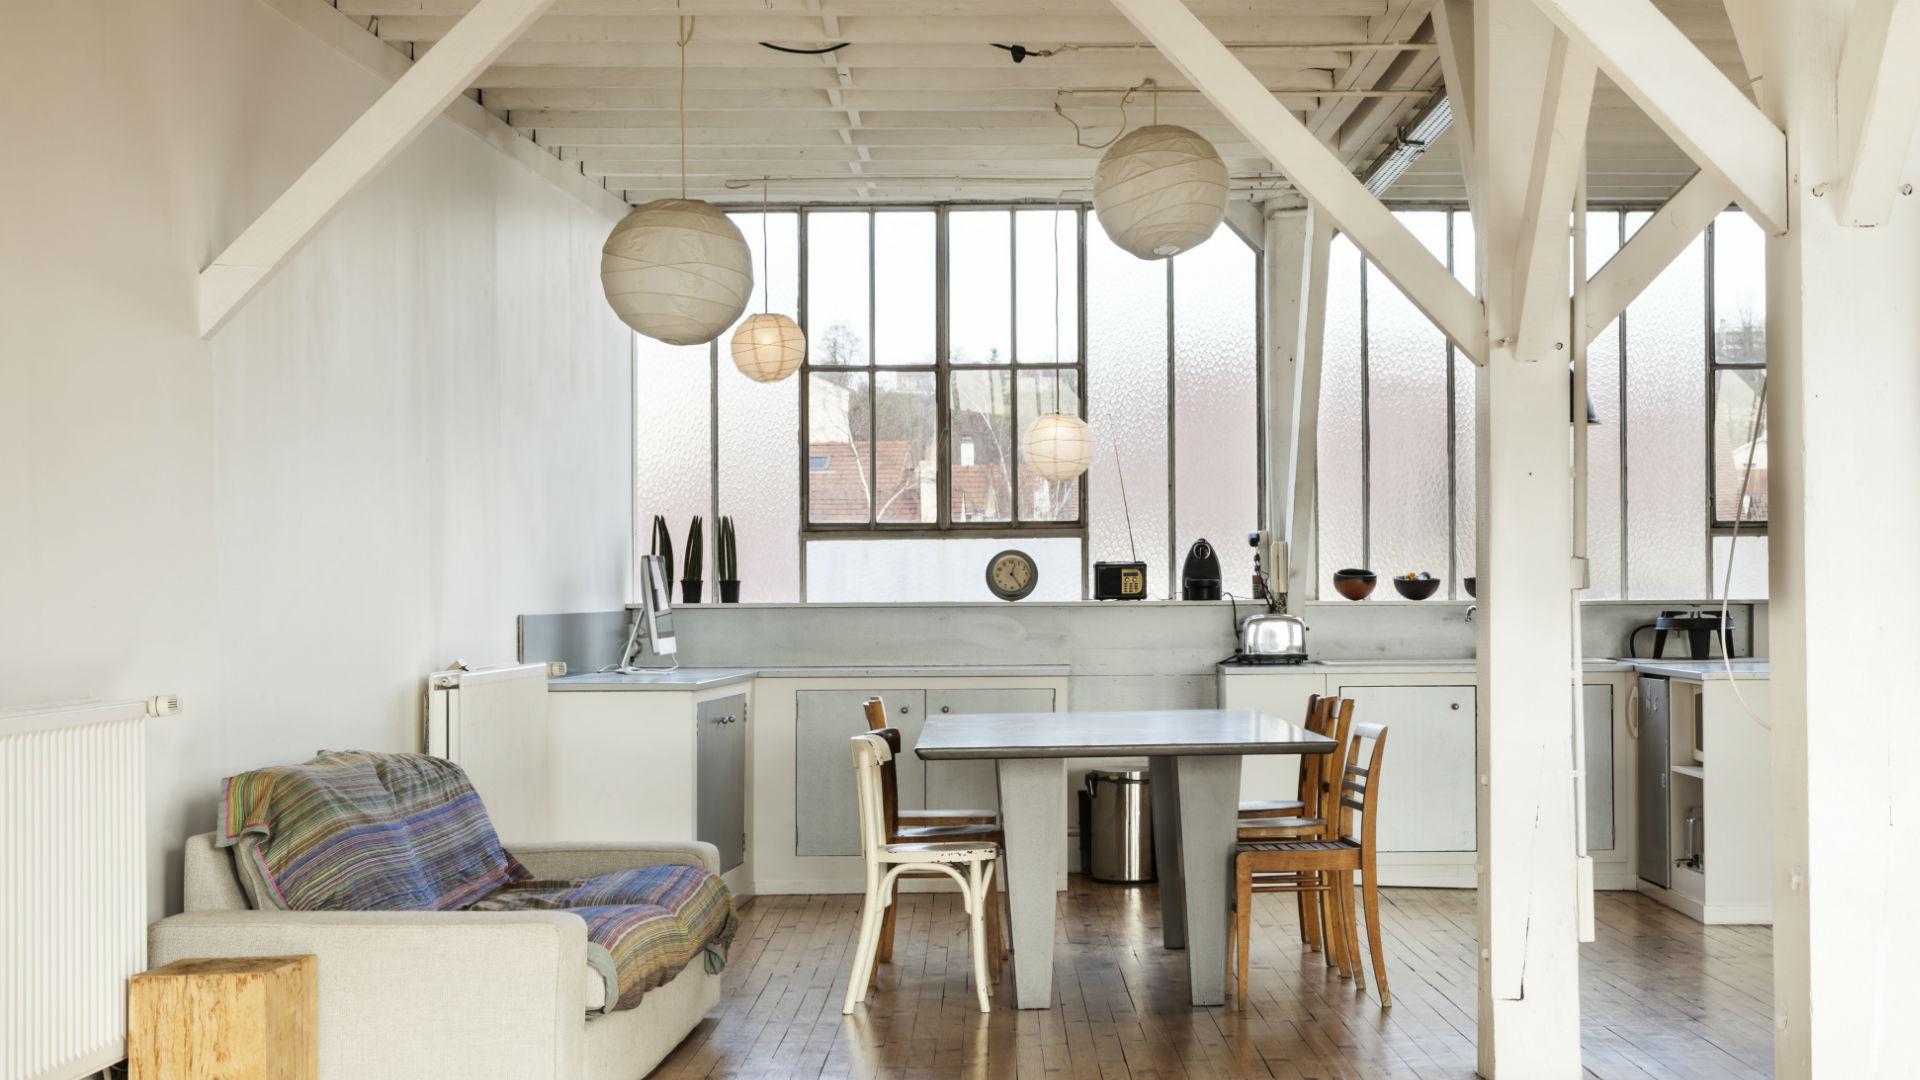 Inspiratie, ideeën en verftips voor je woonkamer